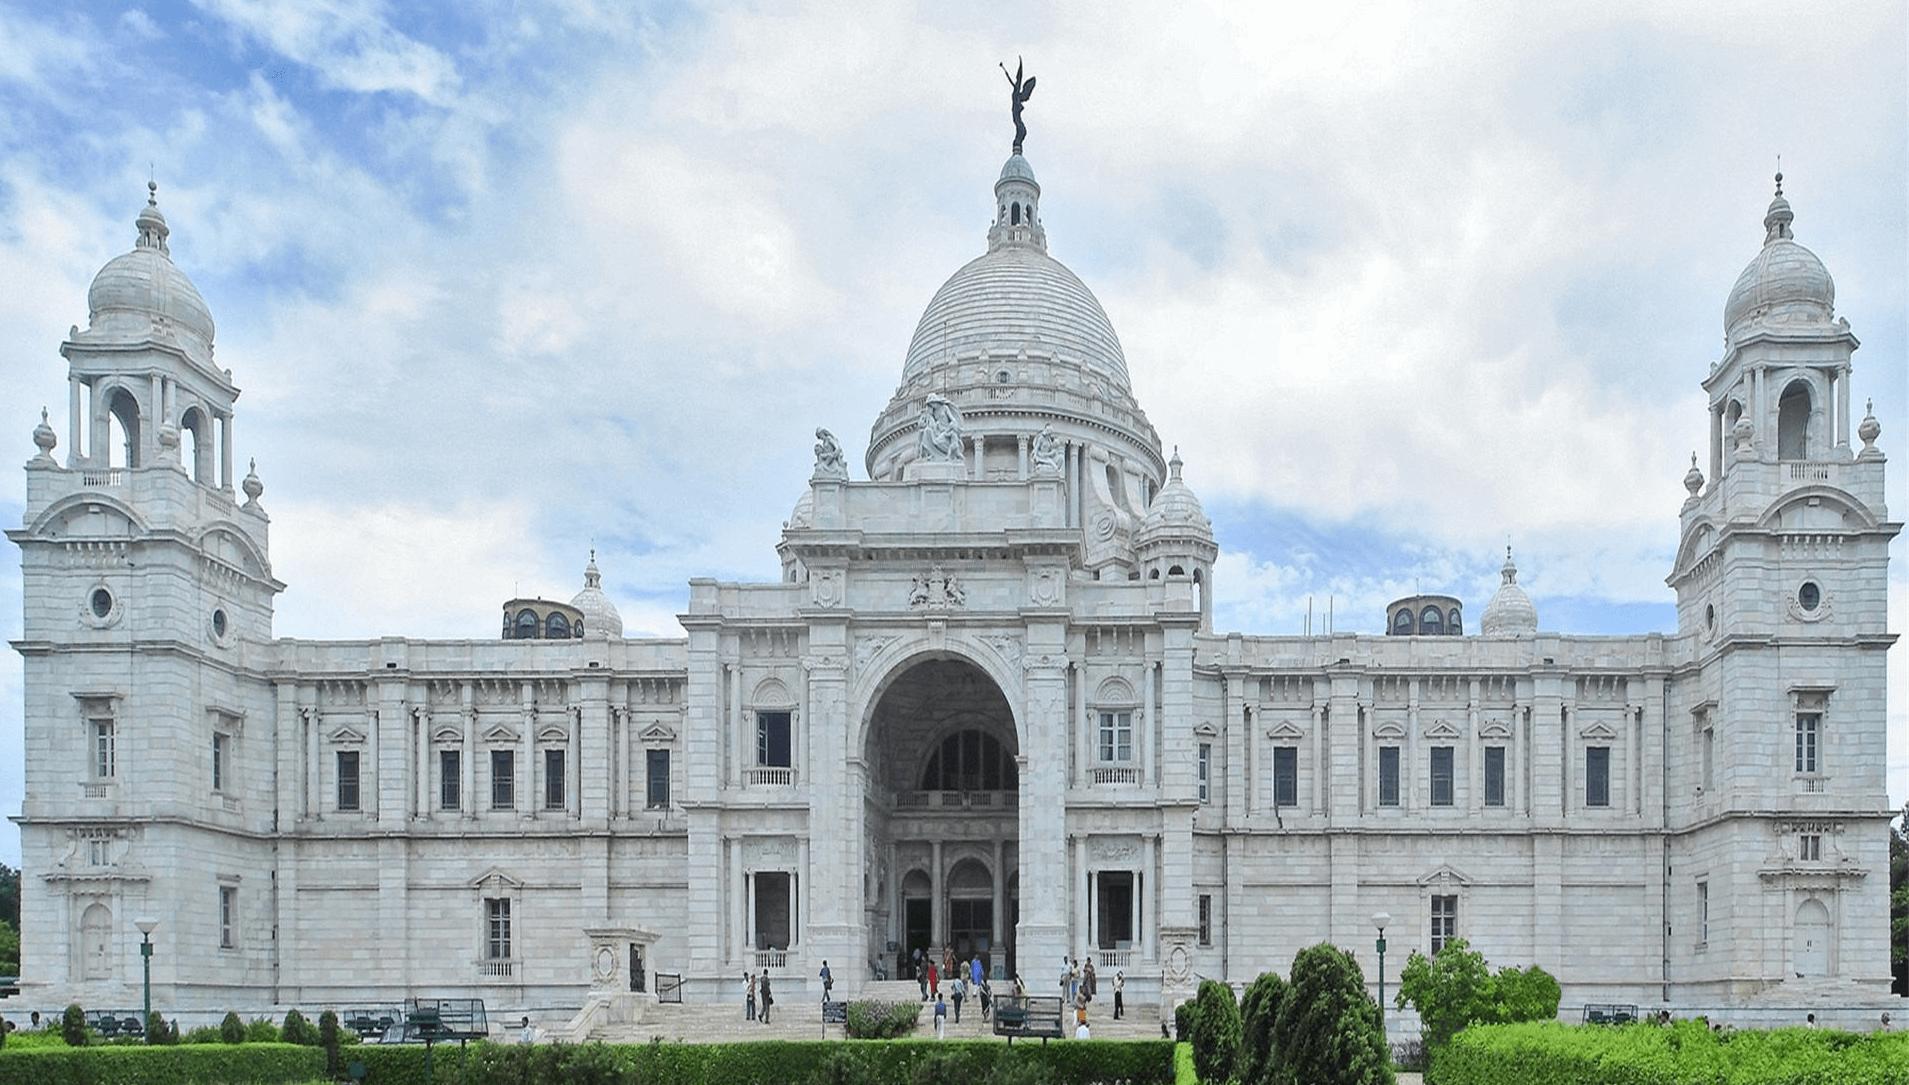 Pourquoi visiter la ville de Kolkata (Calcutta) en Inde